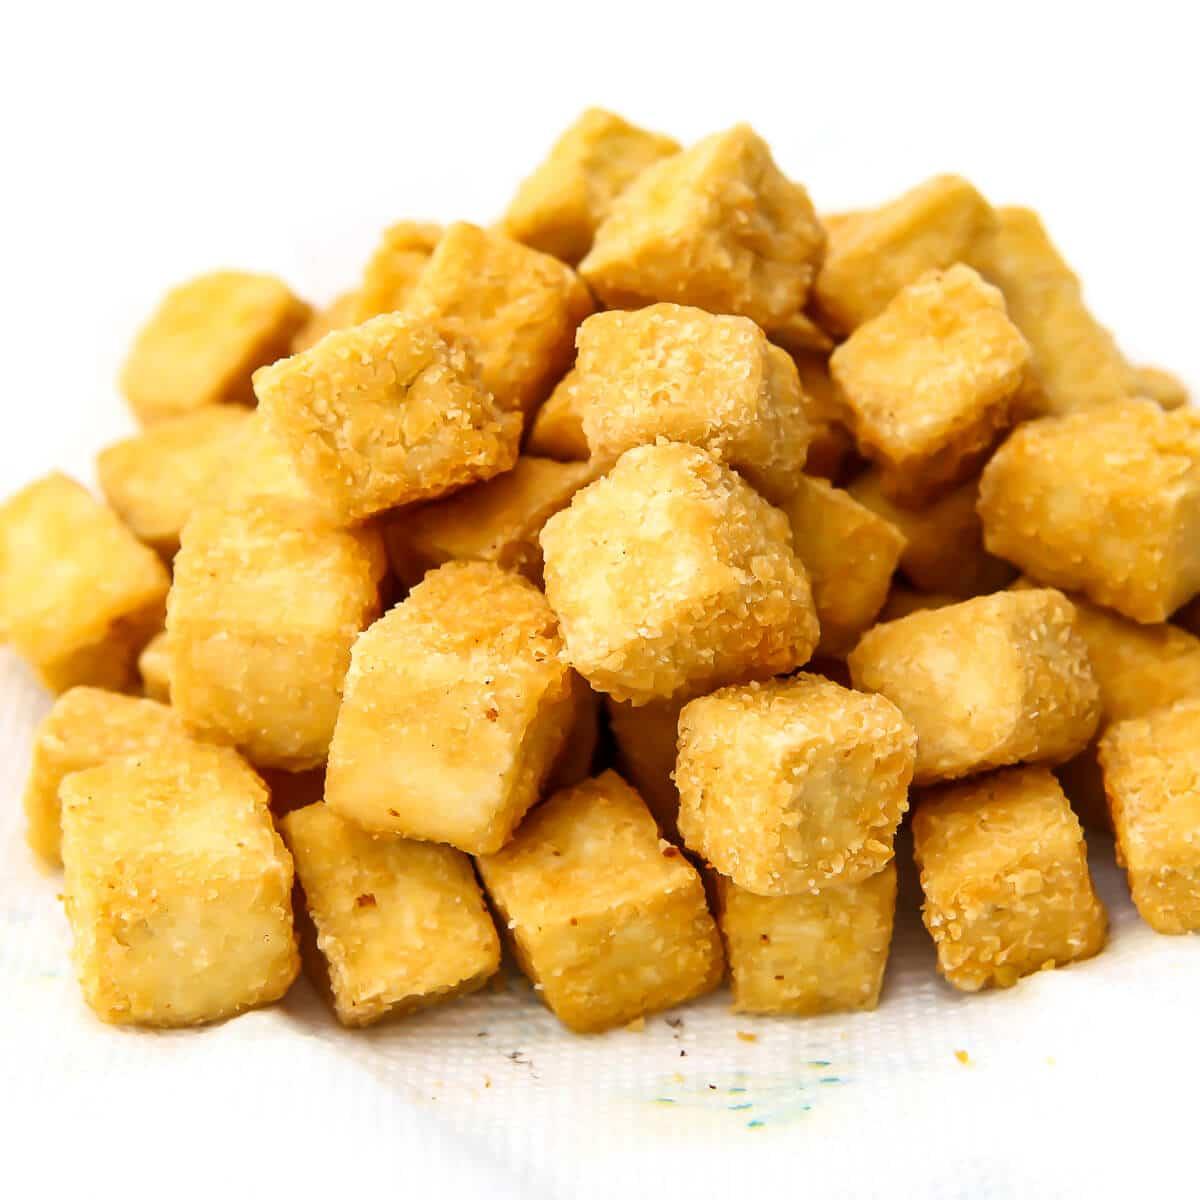 How to Make Crispy Fried Tofu